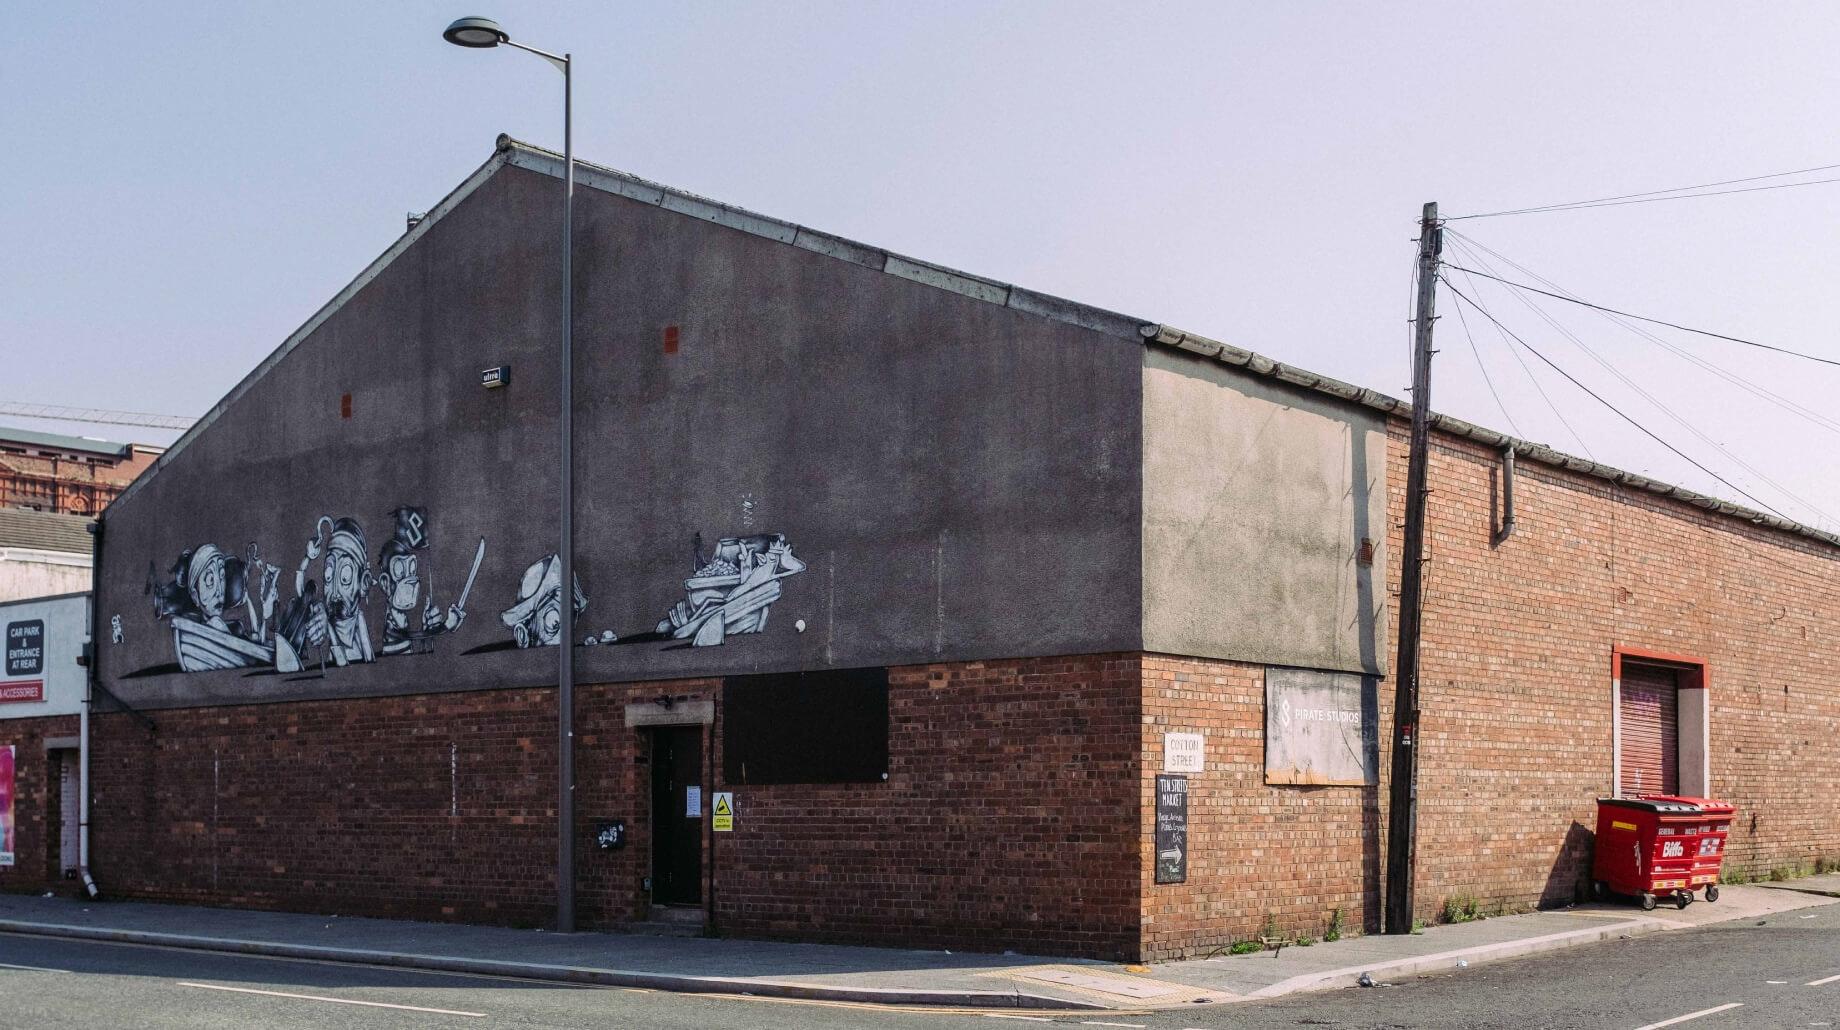 This image may contain: wall, brick, tarmac, asphalt, road